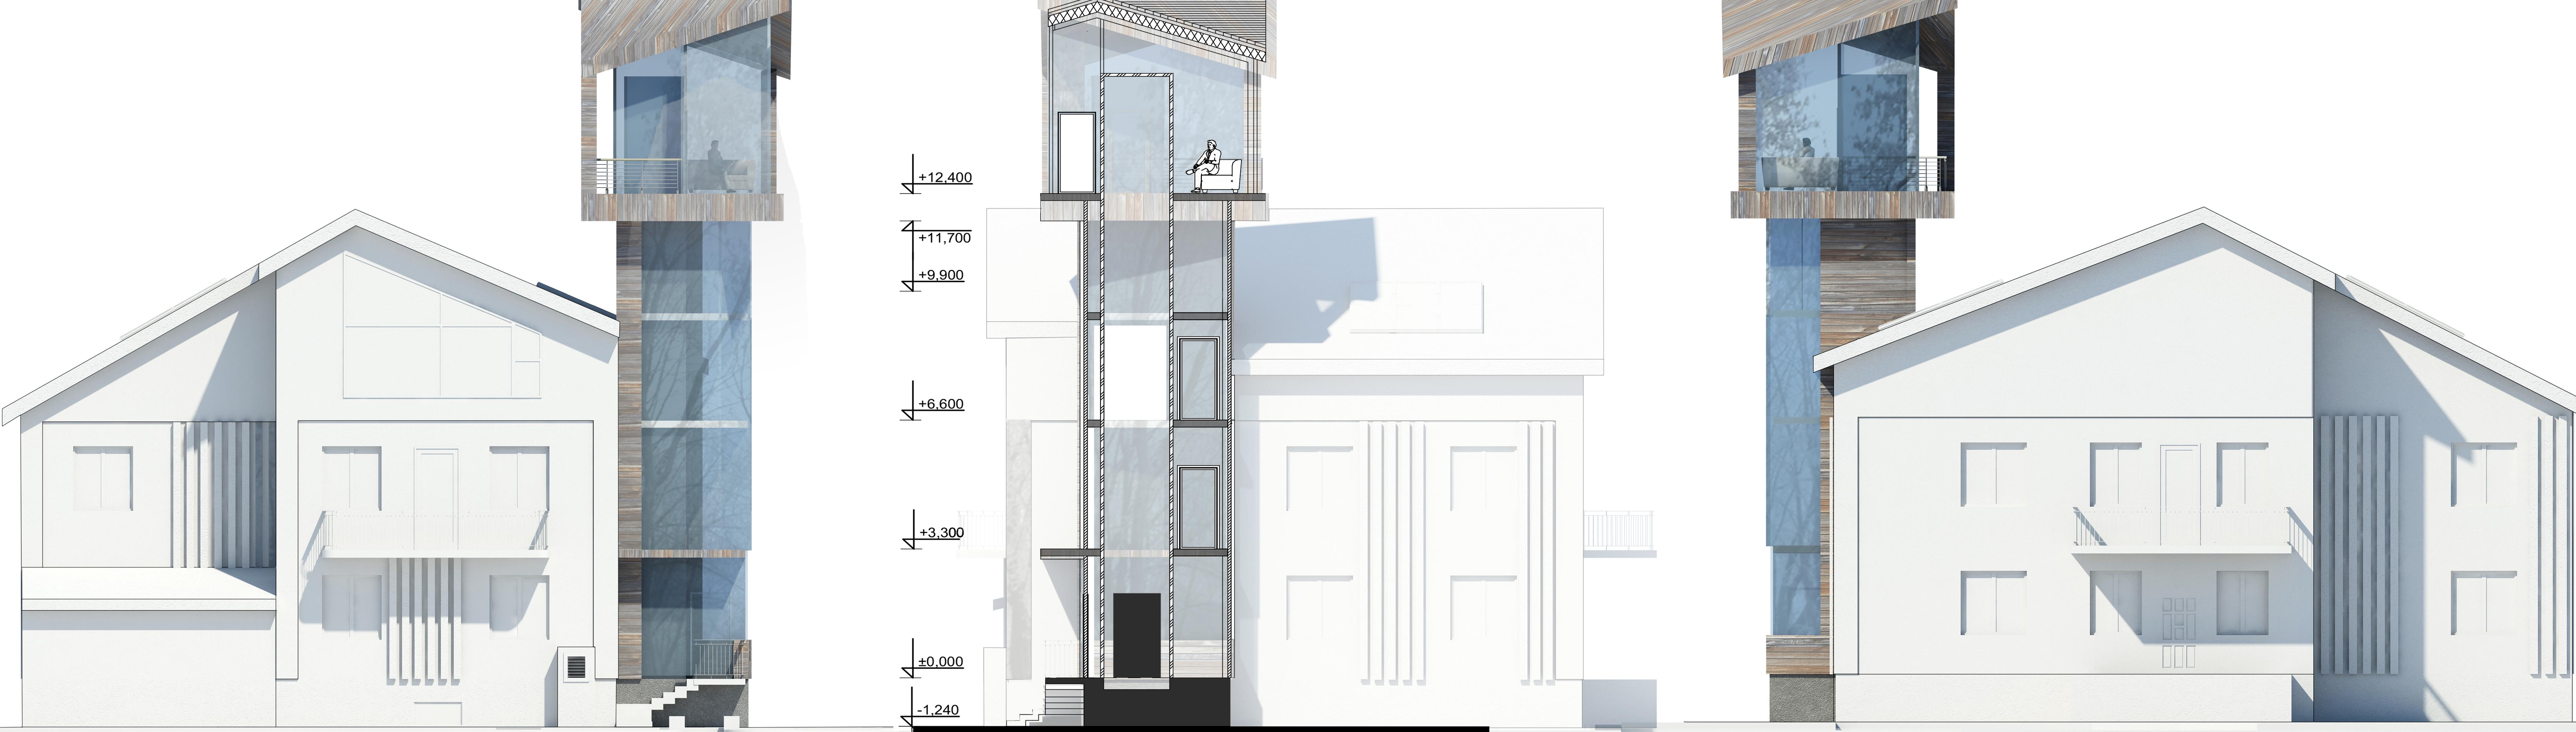 картинка башня5